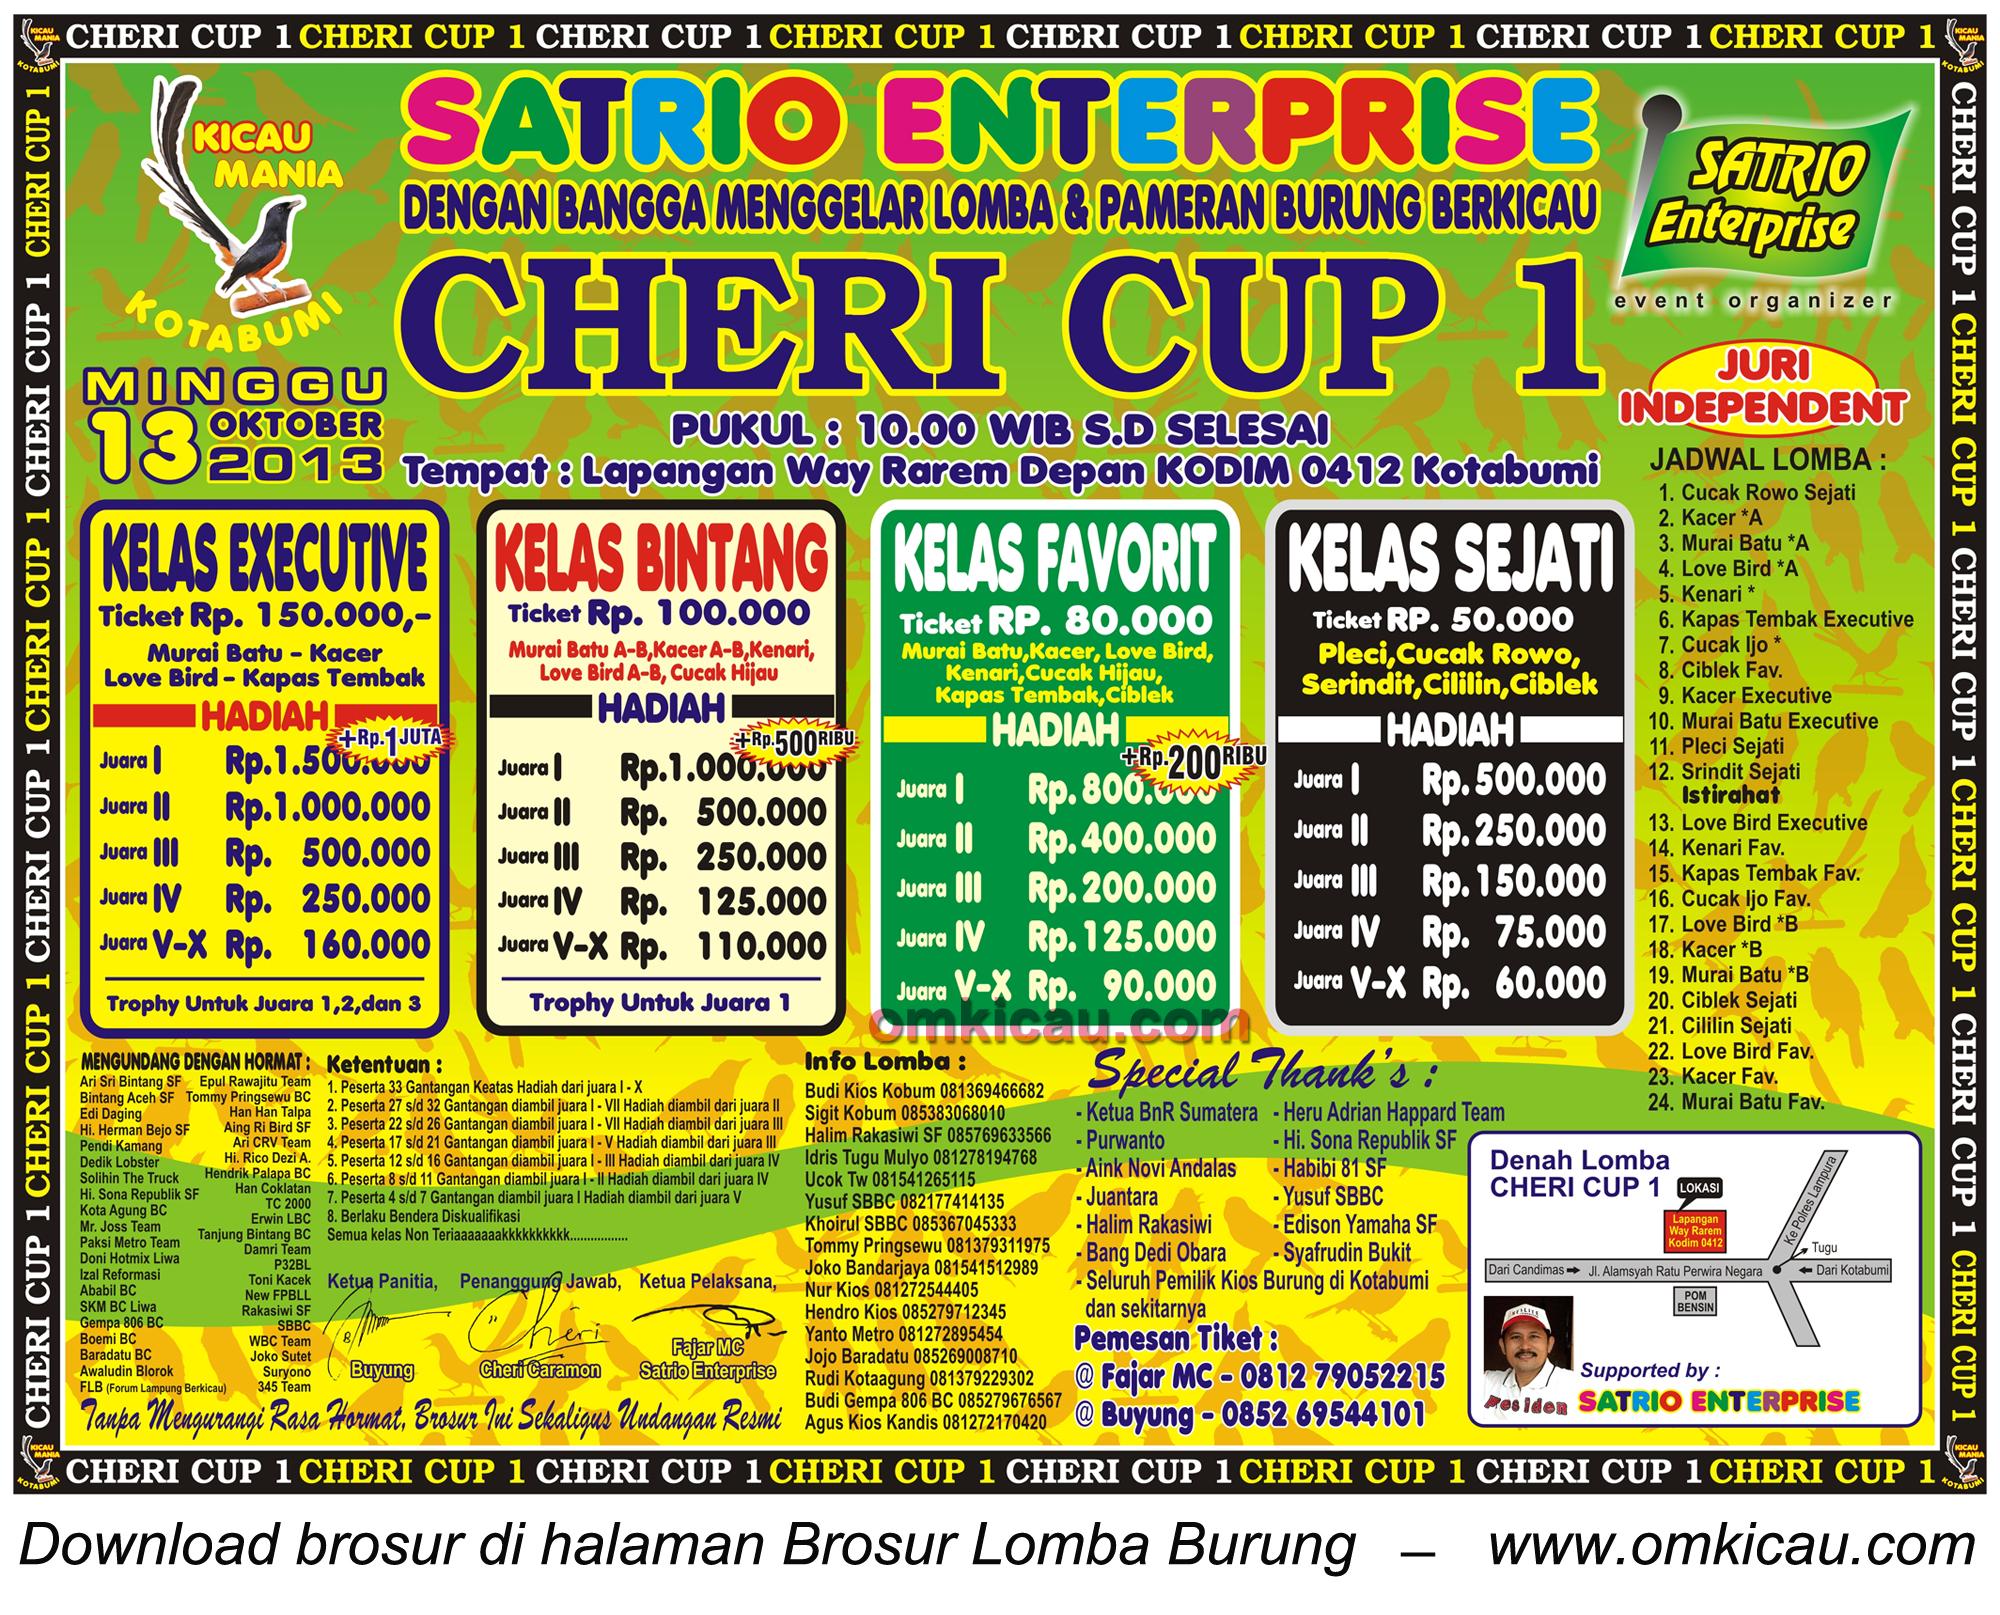 Brosur Lomba Burung Cheri Cup 1 Kotabumi, Lampung Utara, 13 Okt 2013